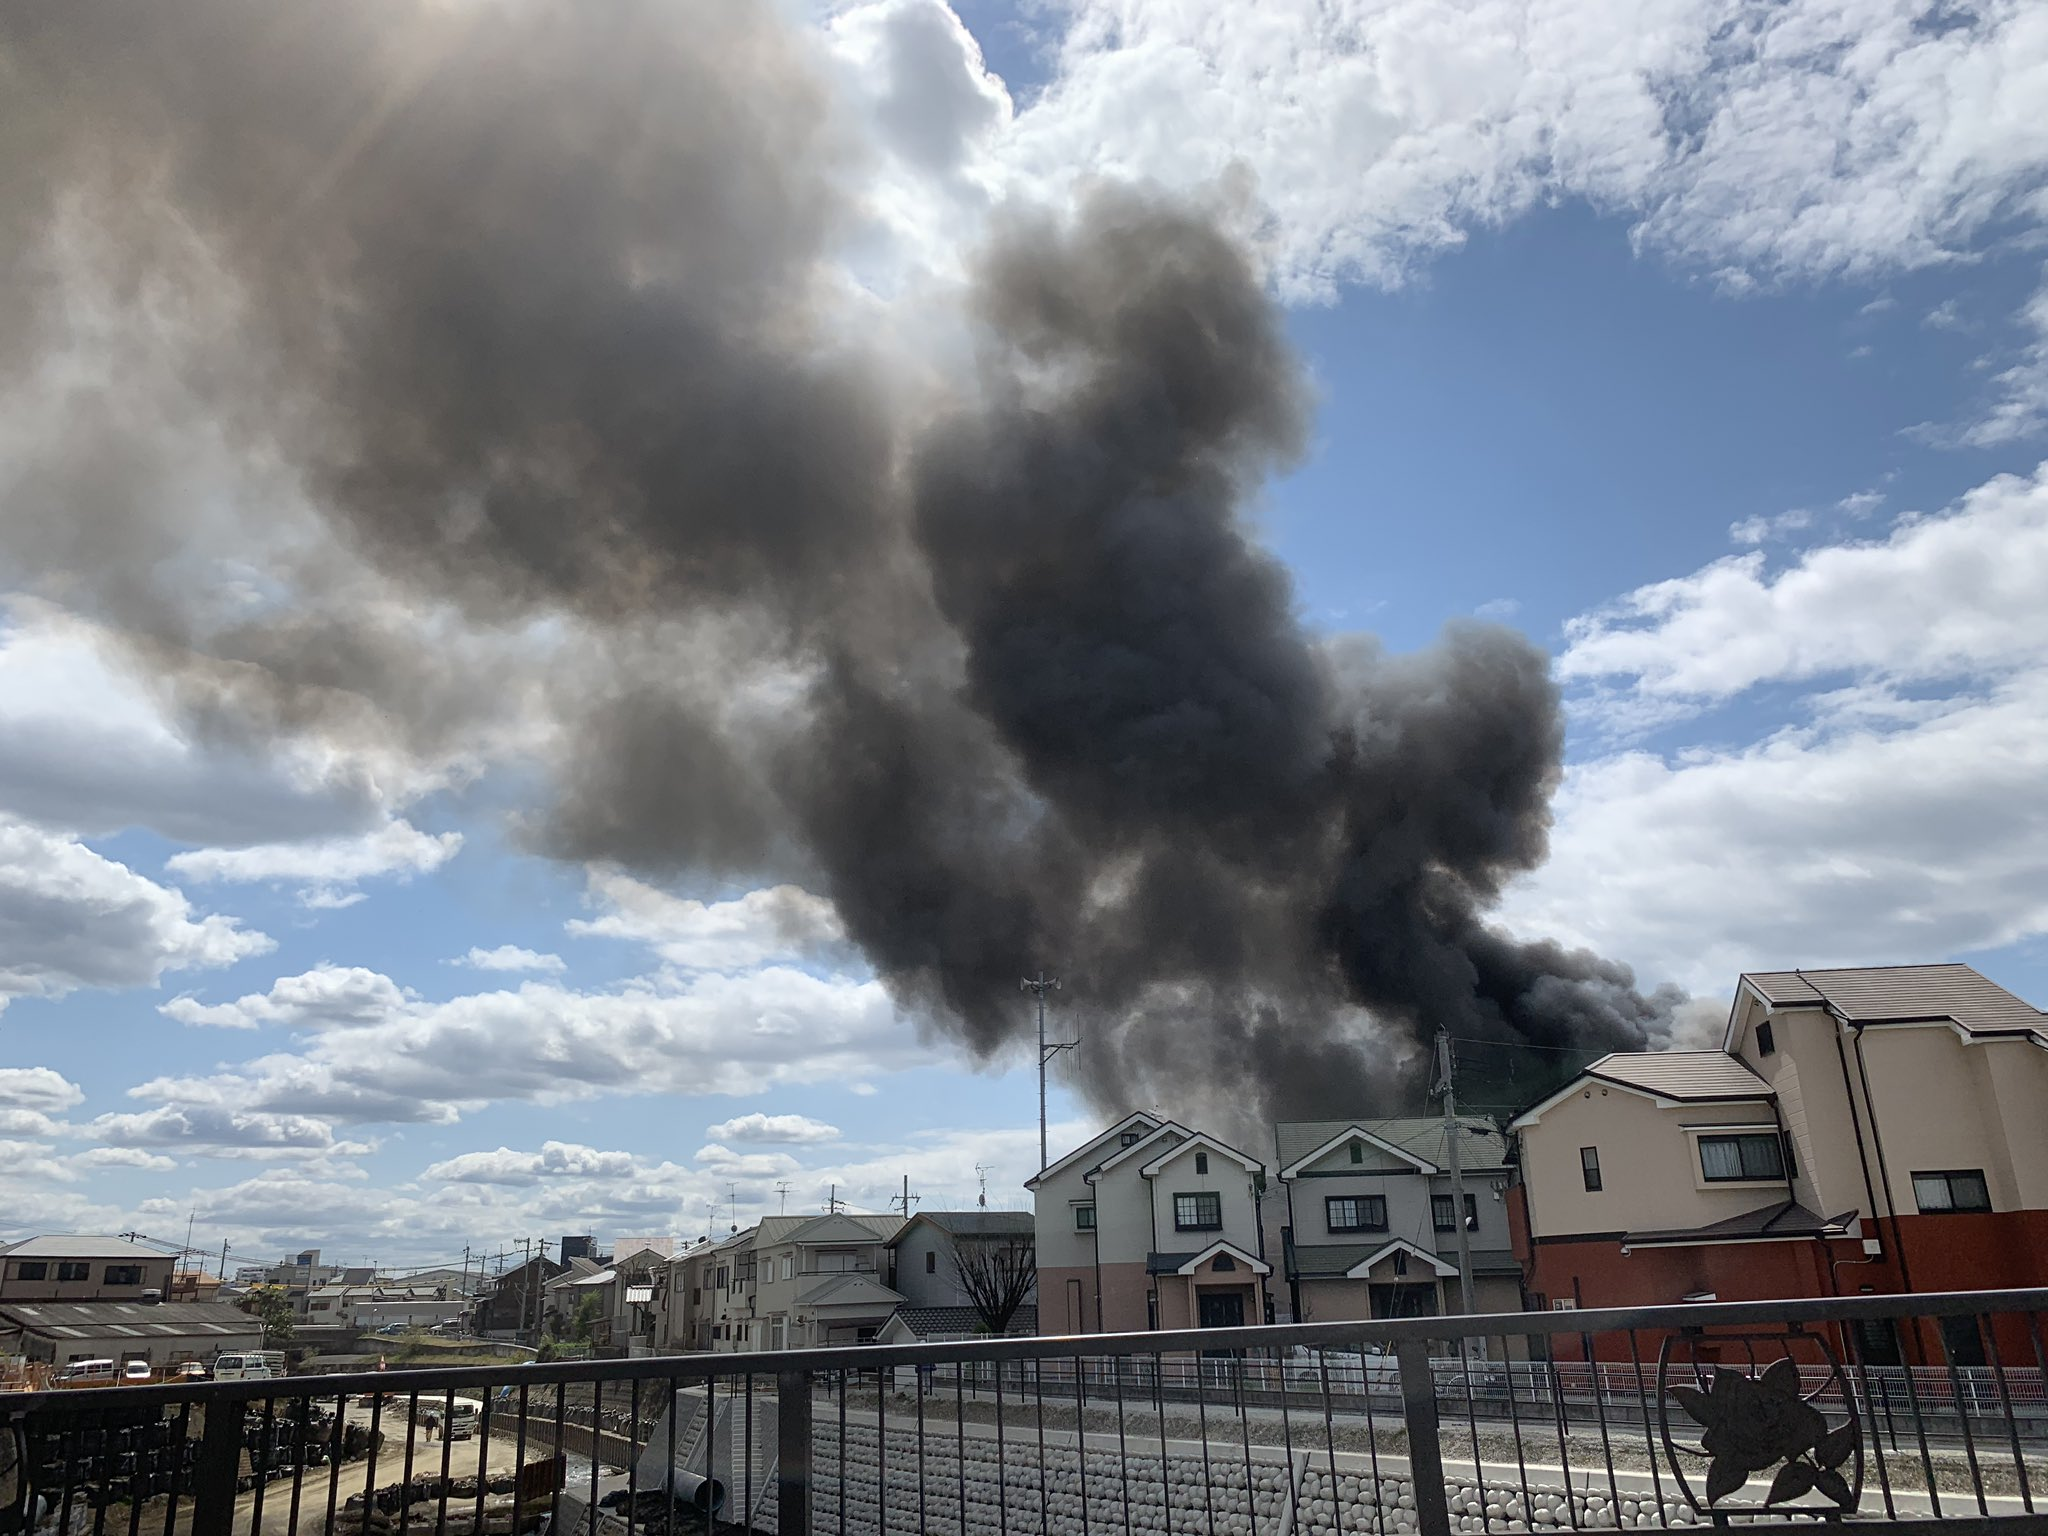 岸和田市西大路町の建物で火事が起きている画像